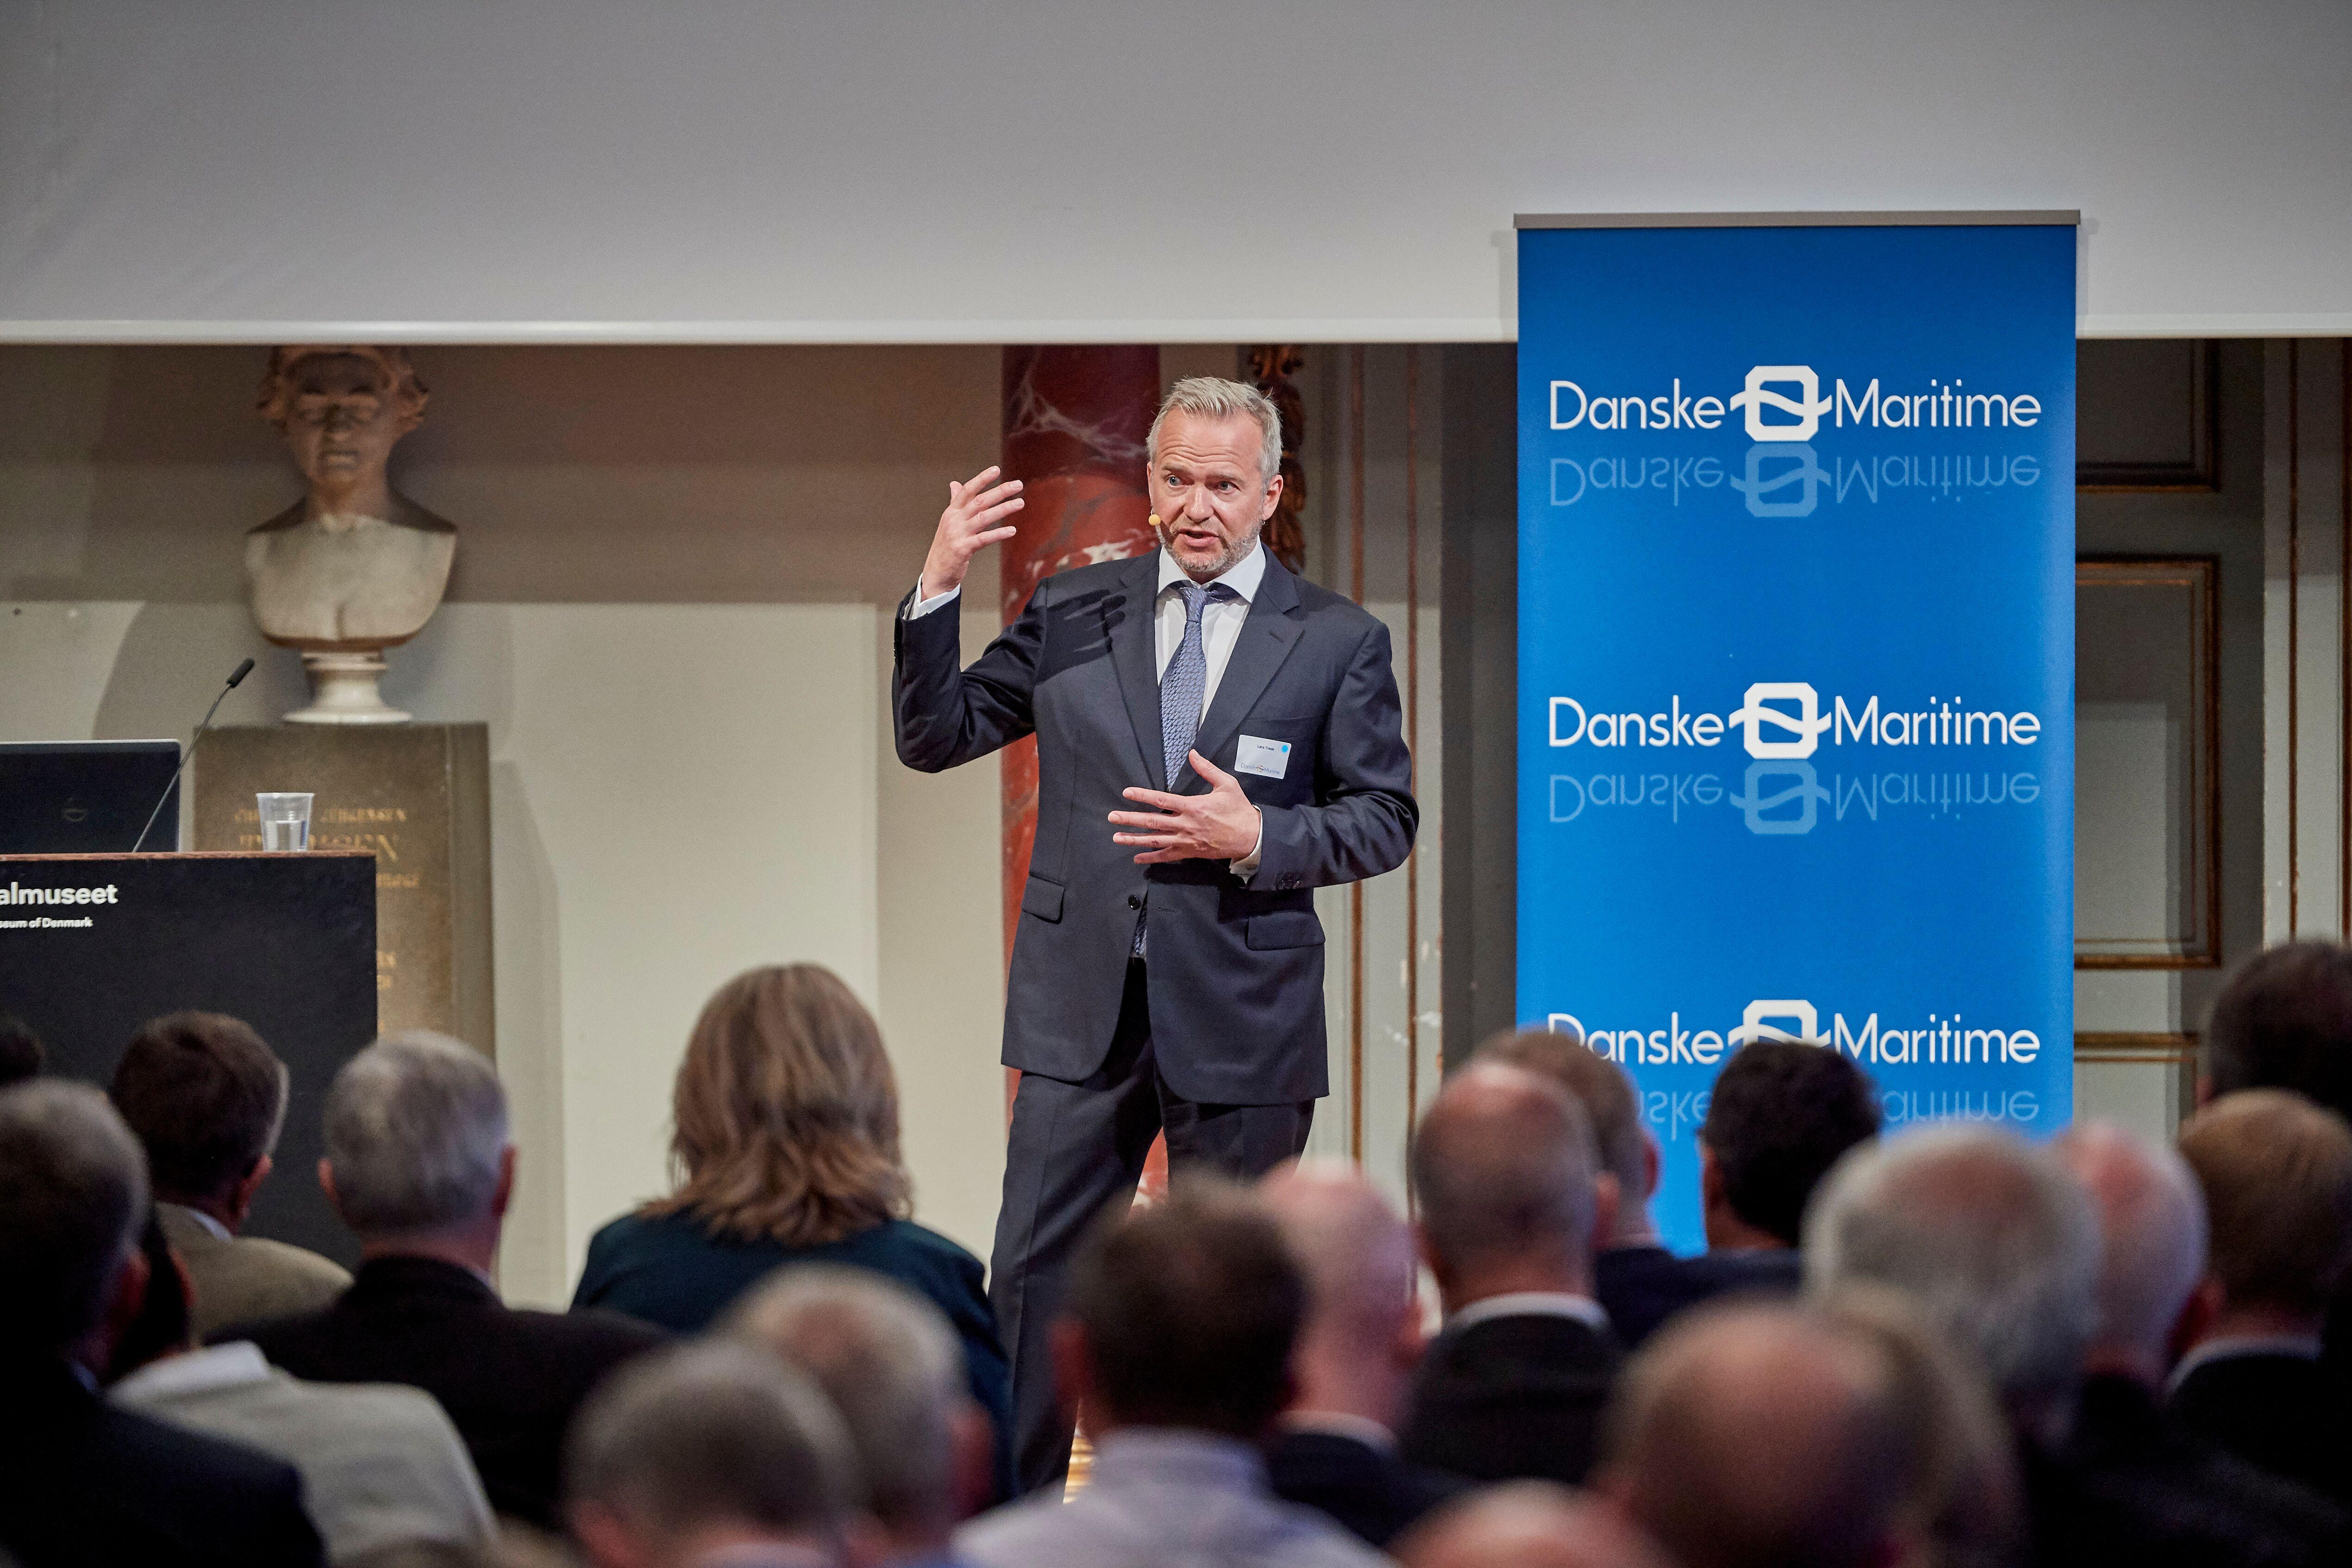 Serieiværksætter Lars Tvede taler ved Danske Maritimes jubilæum